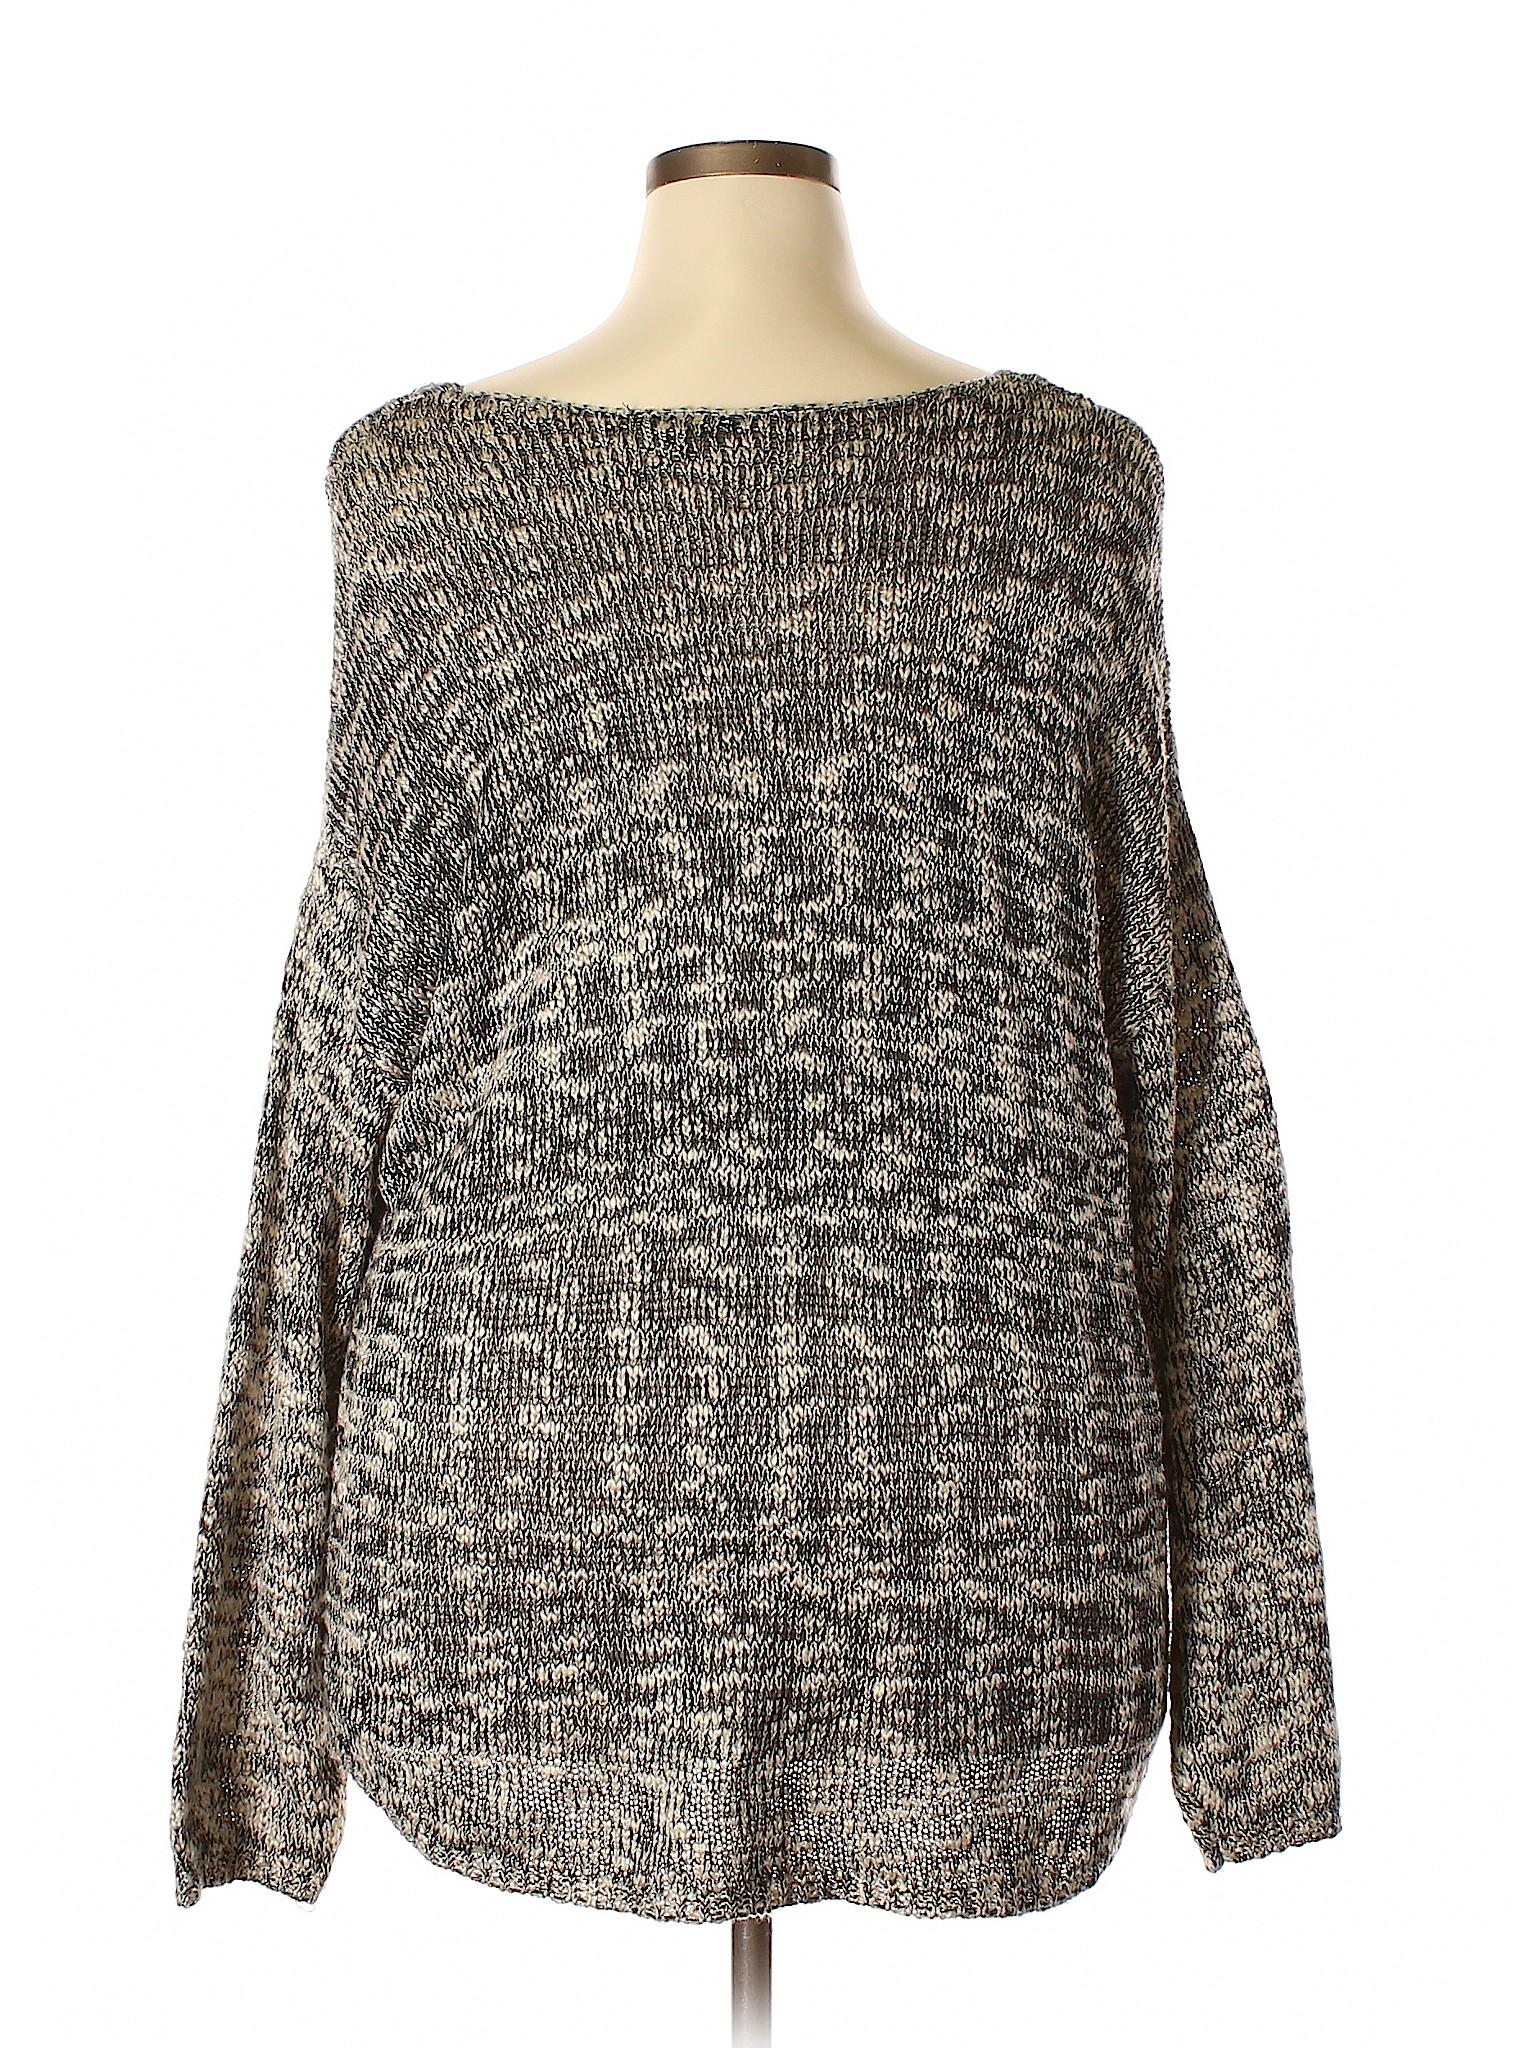 Sweater Pullover winter Boutique Boutique RDI winter pqzg4wPn